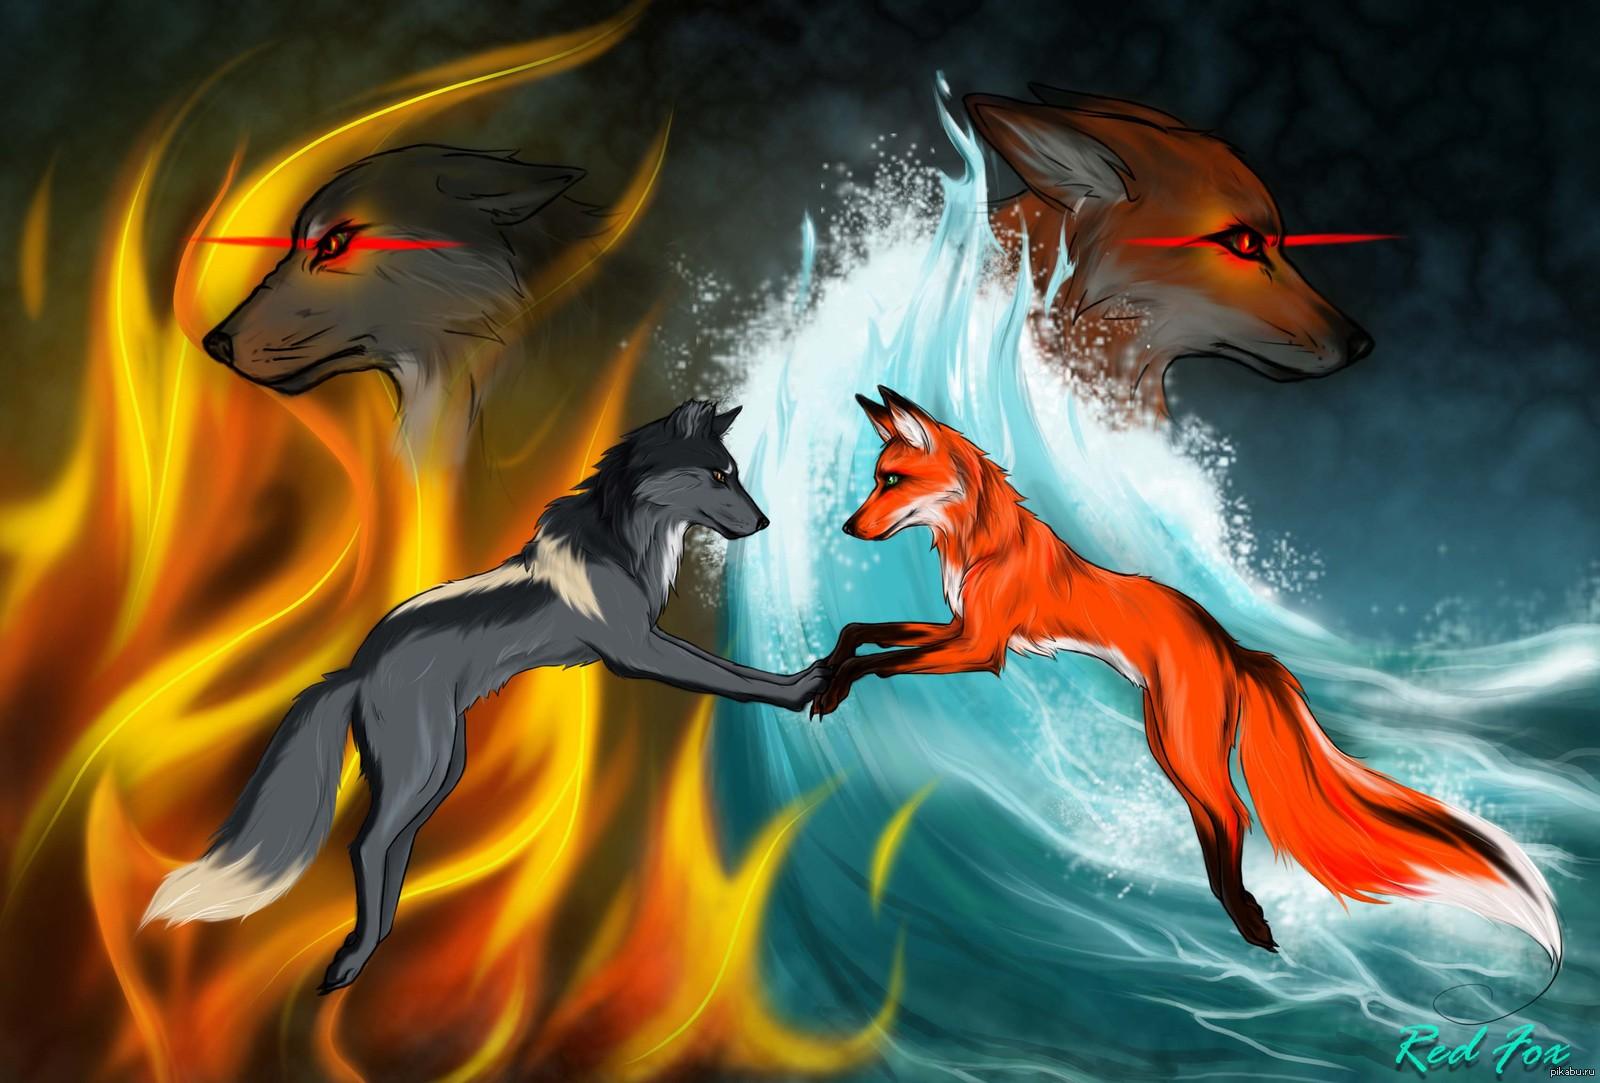 лиса и огонь картинки красивые родным близким людям